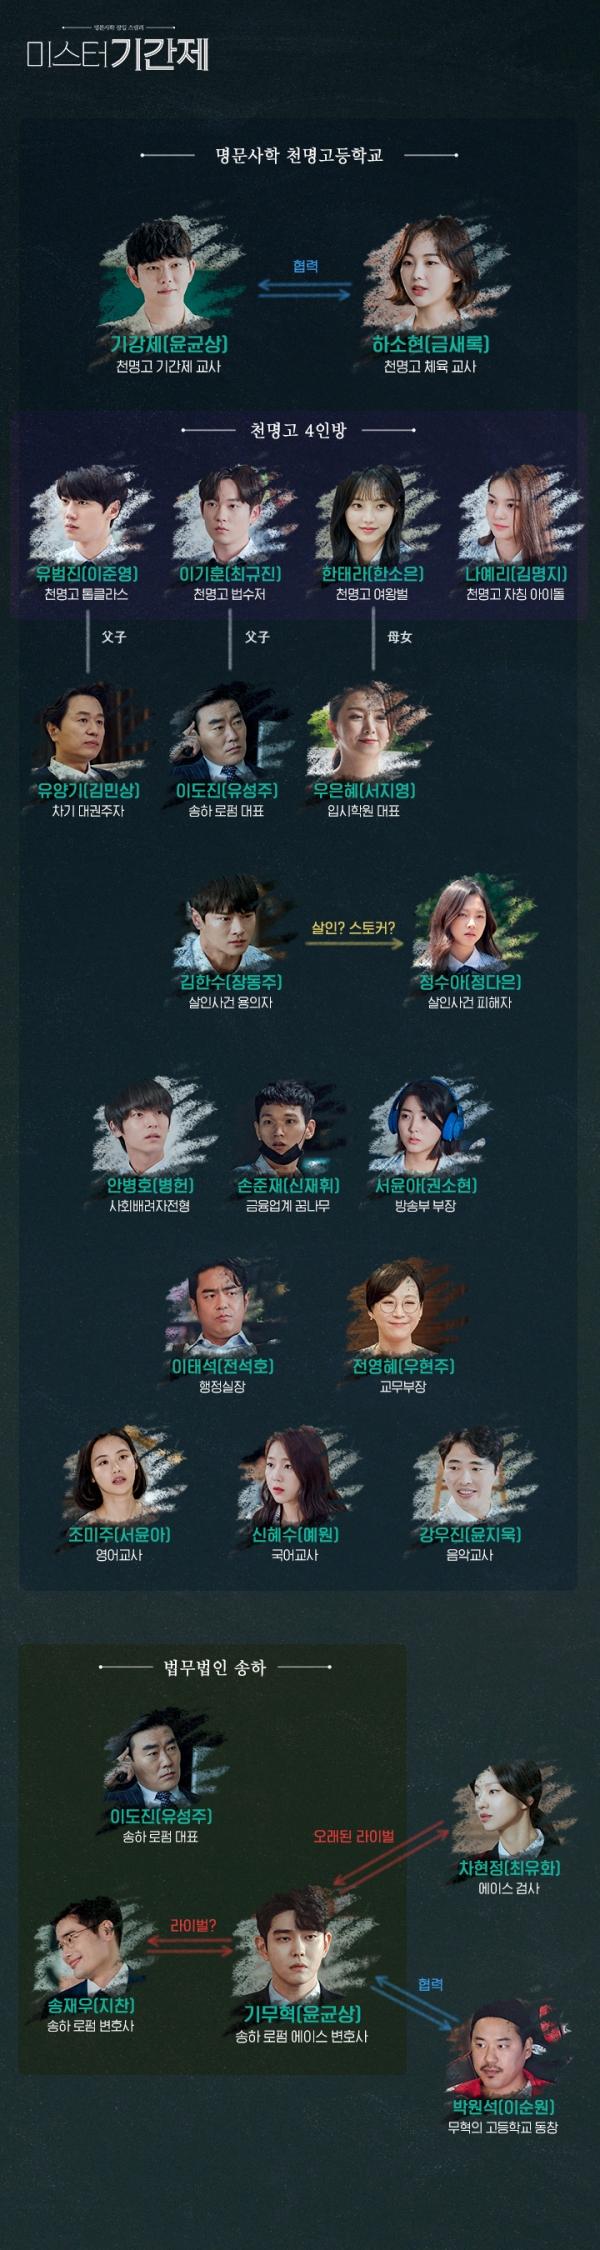 OCN 새 수목드라마 '미스터 기간제' 화제, 줄거리, 주요인물, 인물관계도, 몇부작?